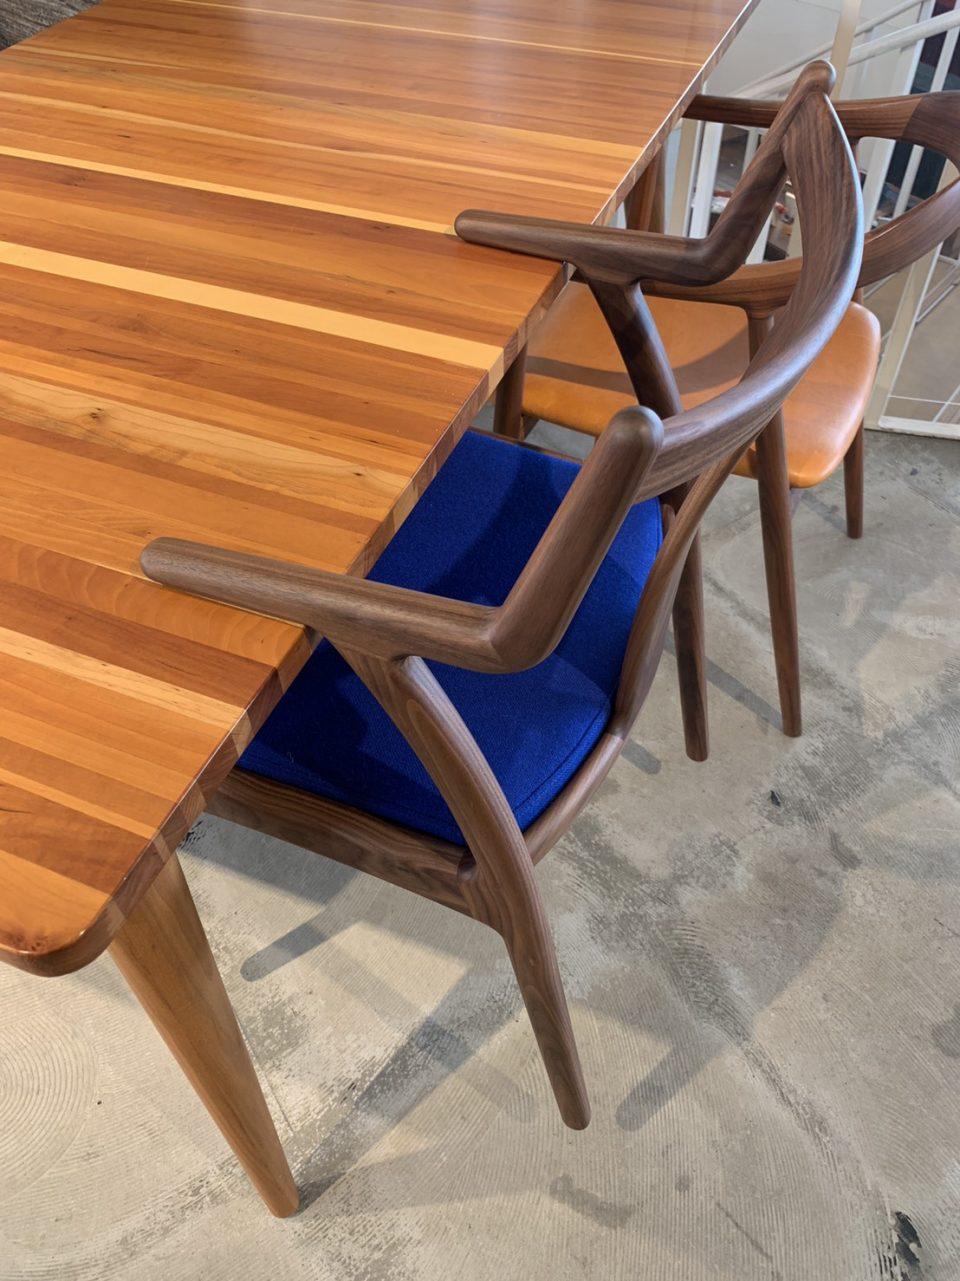 ボー・デコール新作椅子